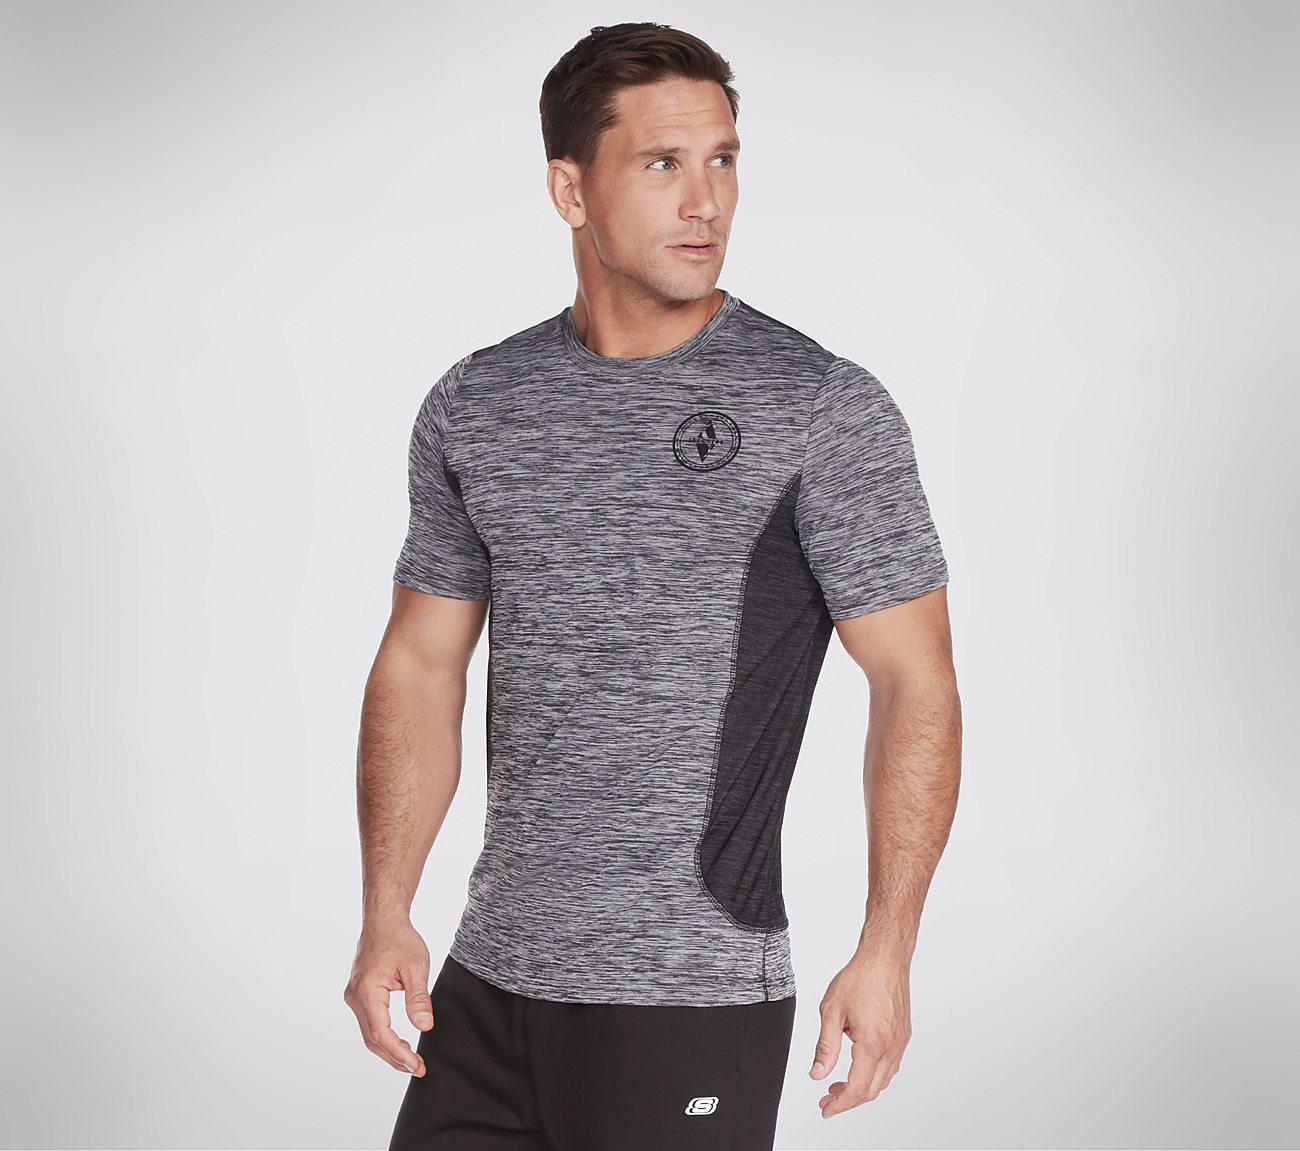 Skechers Apparel Range Short Sleeve Tech Tee Shirt